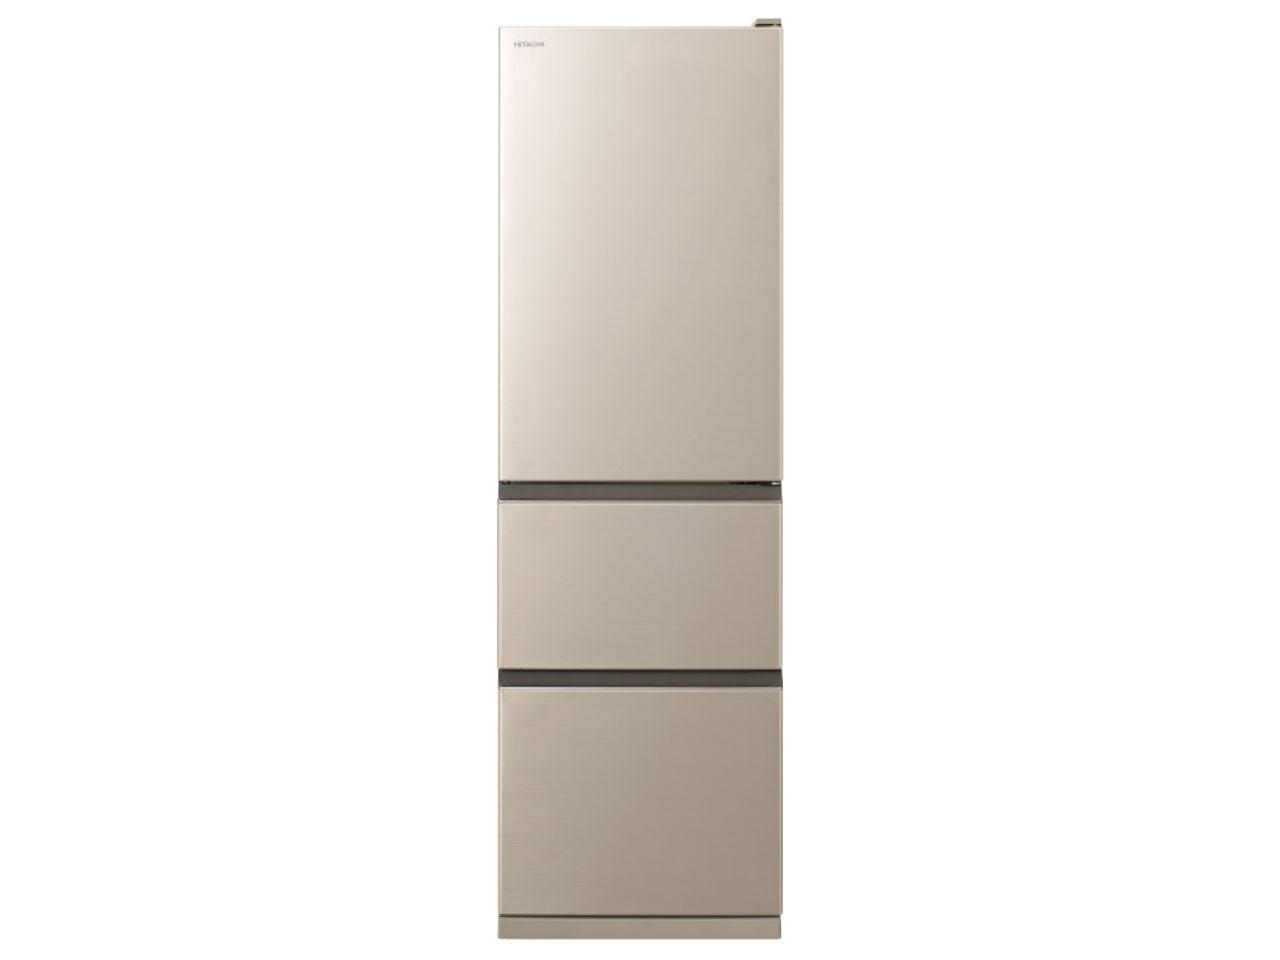 【基本設置無料】日立 315L 3ドア冷蔵庫 R-V32KVL-N【左開き】